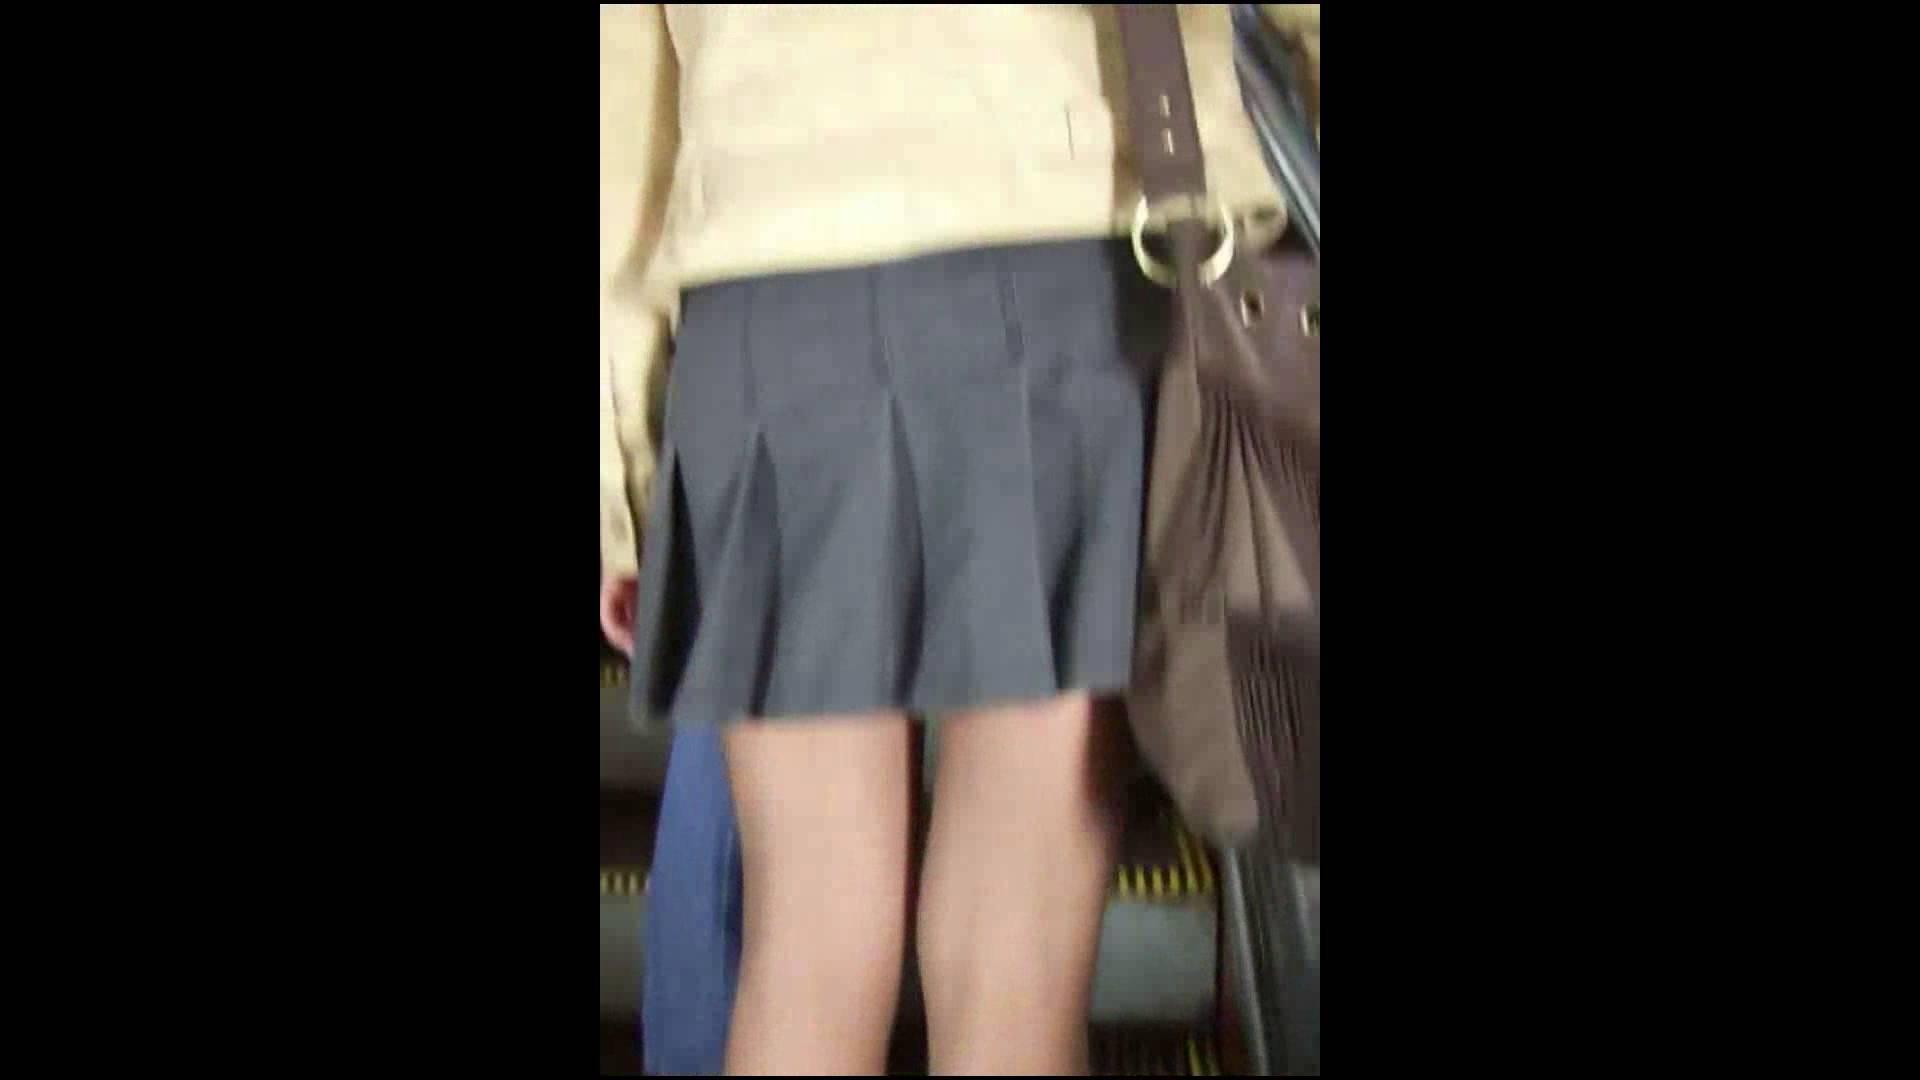 綺麗なモデルさんのスカート捲っちゃおう‼vol06 モデル おまんこ動画流出 103pic 98